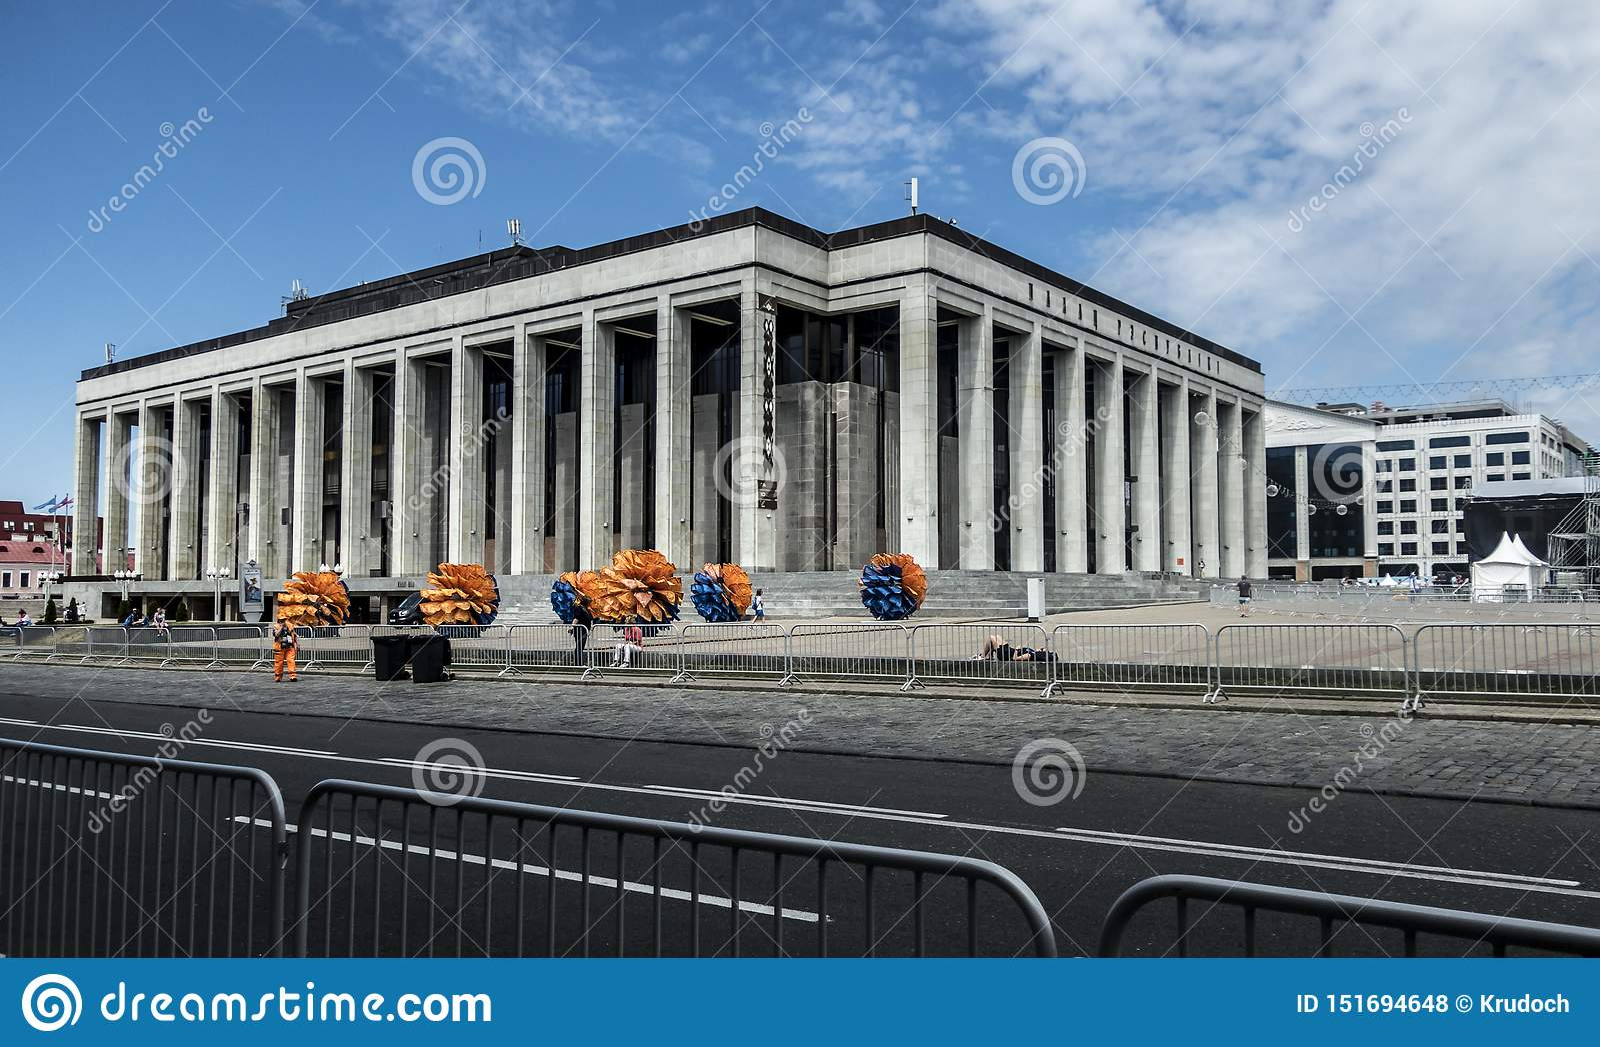 Europejski gry Minsk Białoruś architektury lata ulicy punkt zwrotny